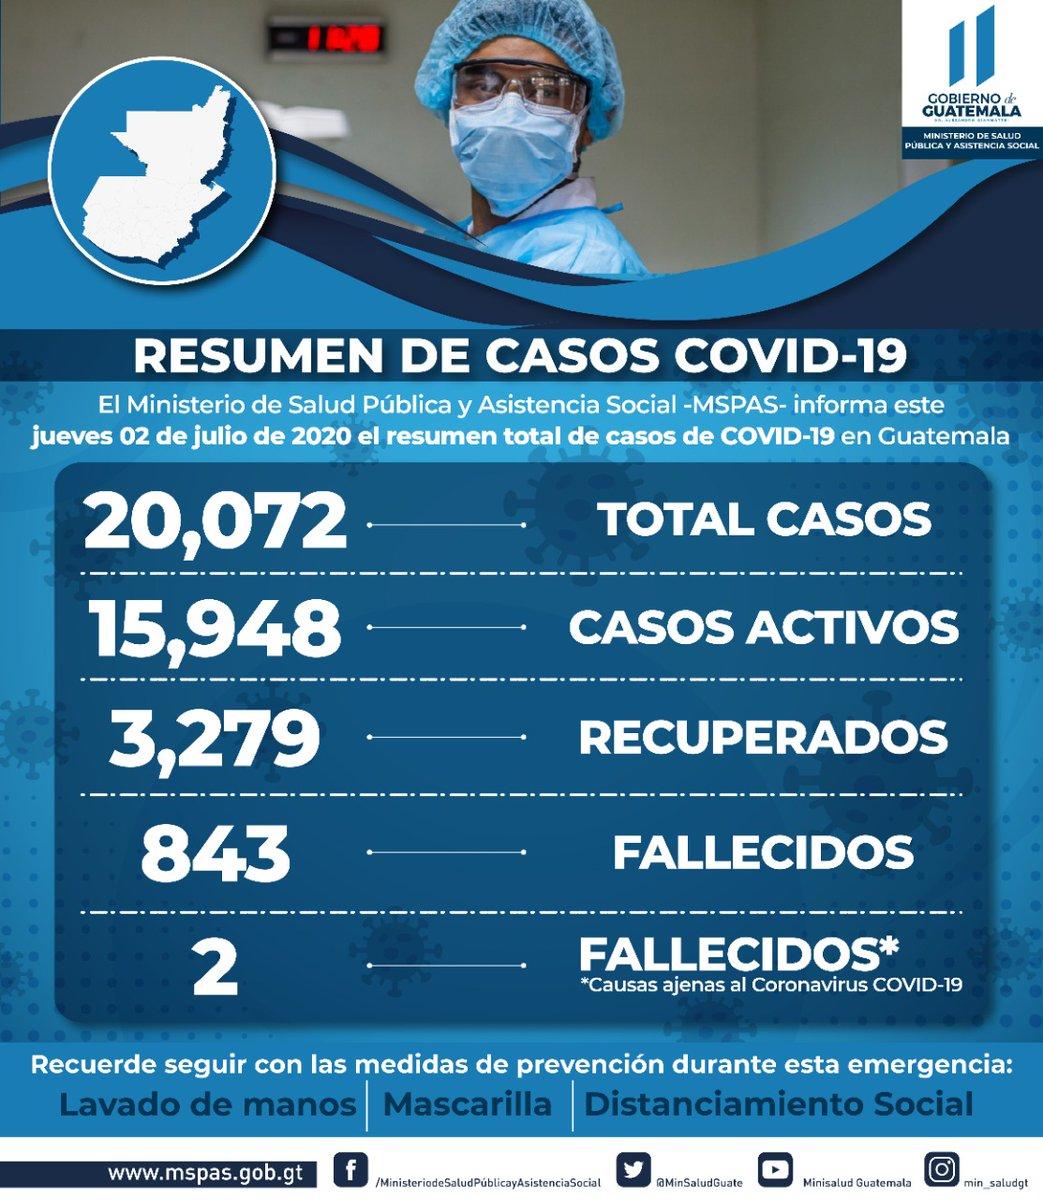 test Twitter Media - #URGENTE El Ministerio de Salud informa sobre actualización de casos COVID-19 que corresponden al miércoles 1 de julio.1,061 casos nuevos de COVID-19, 26 personas fallecidas y 48 recuperados. https://t.co/9xLRPvCbhF